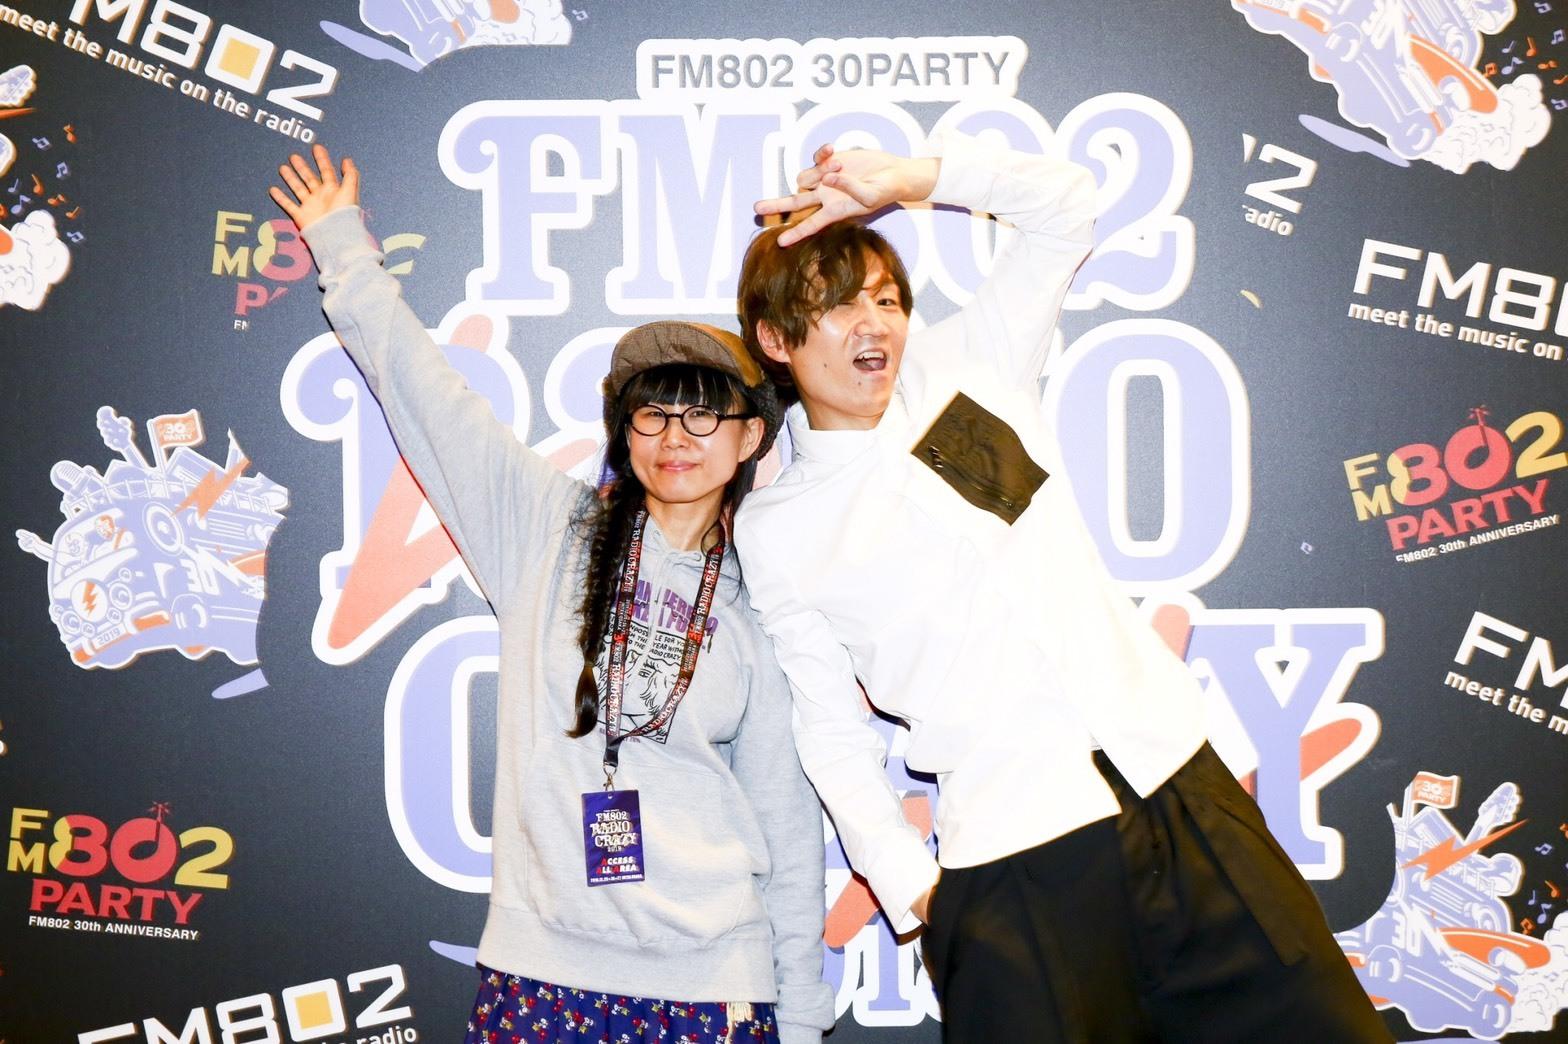 土井コマキ&落合健太郎(FM802)